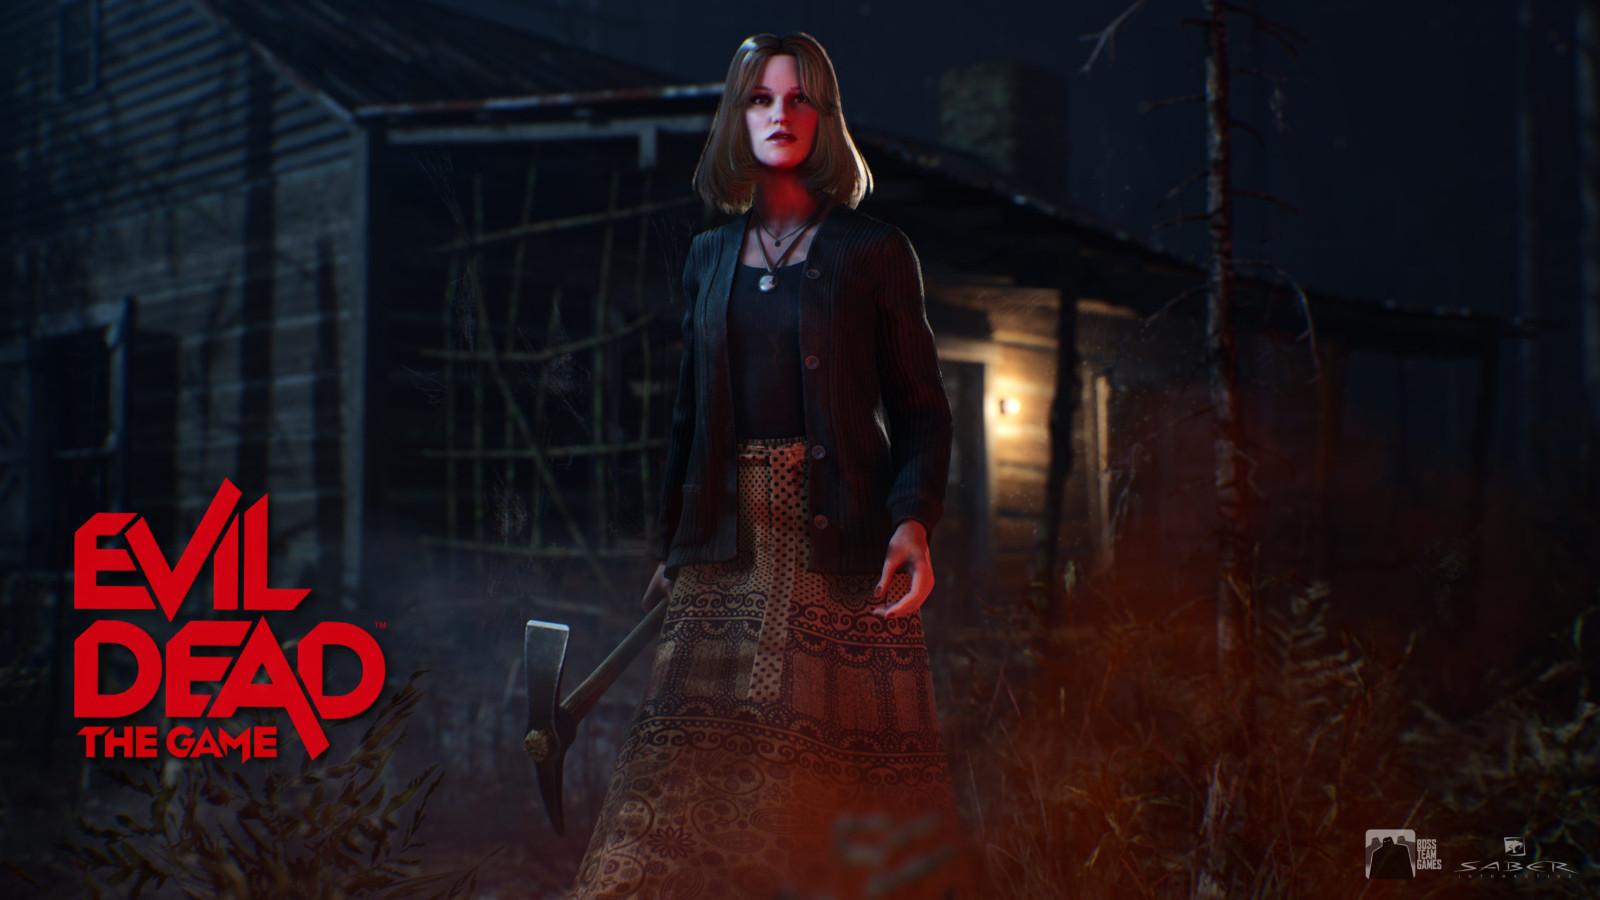 《鬼玩人》游戏版确定角色展示 周四放出实机演示